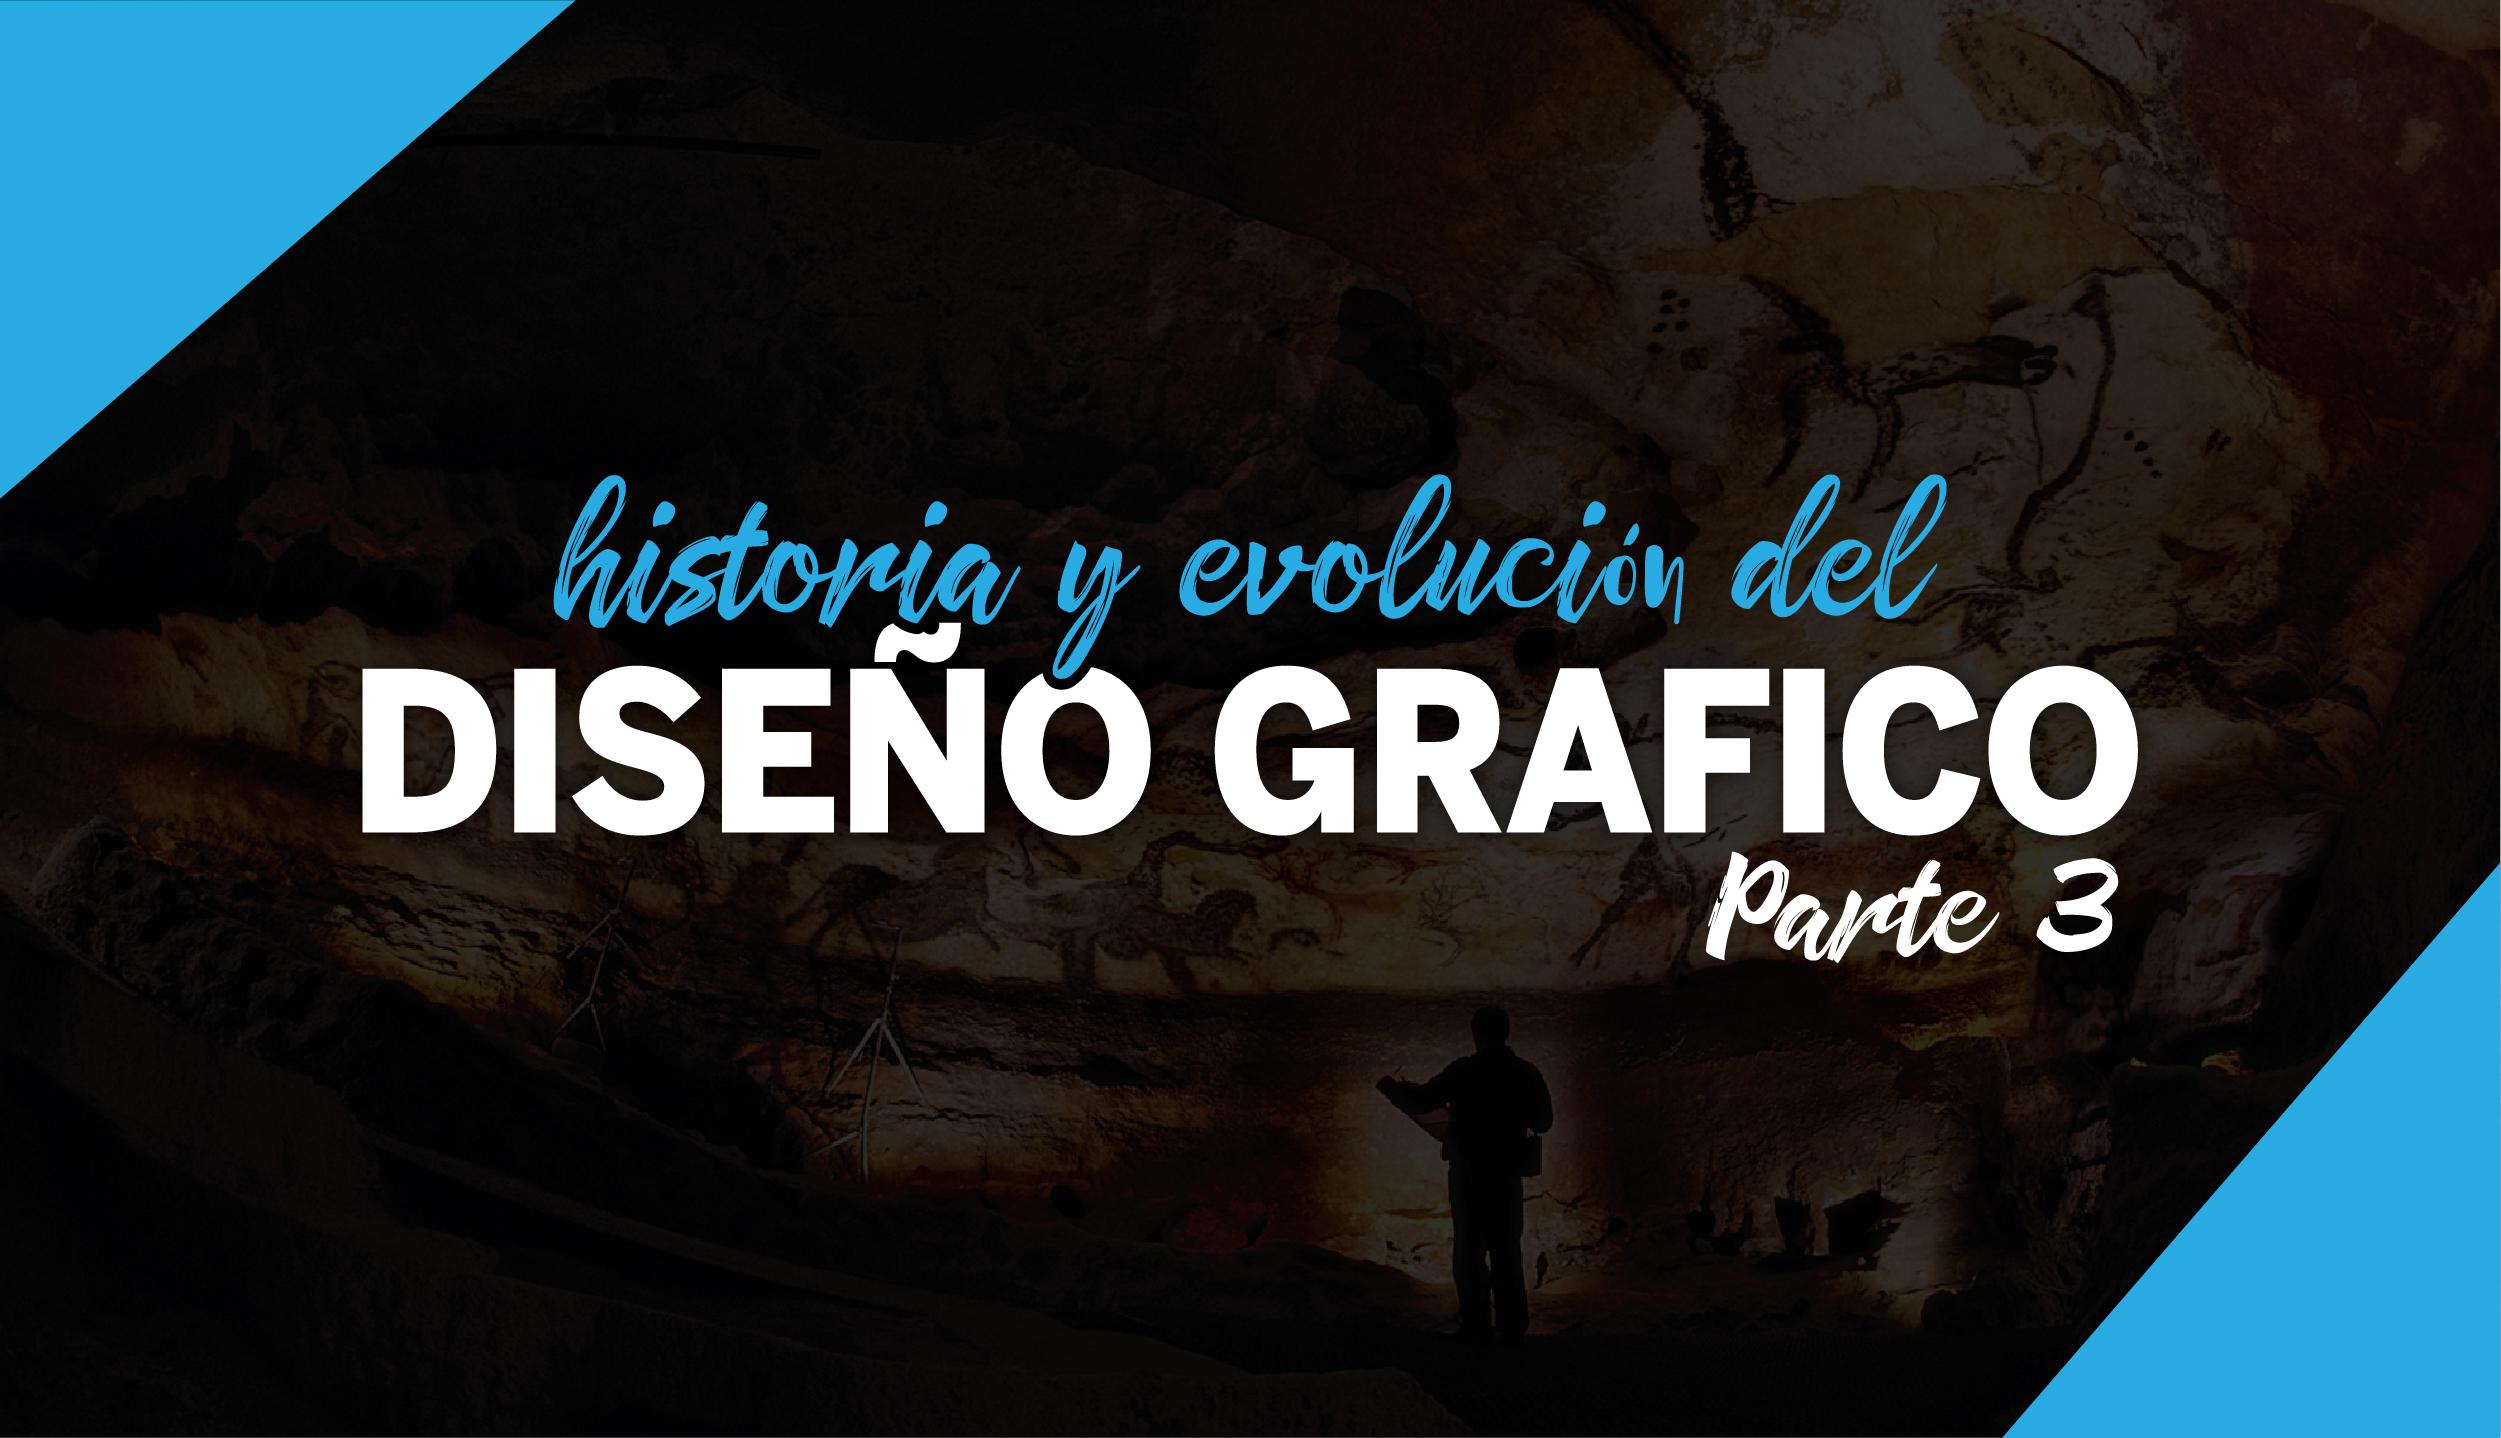 Historia y evolucion del Diseño grafico | Identificación visual